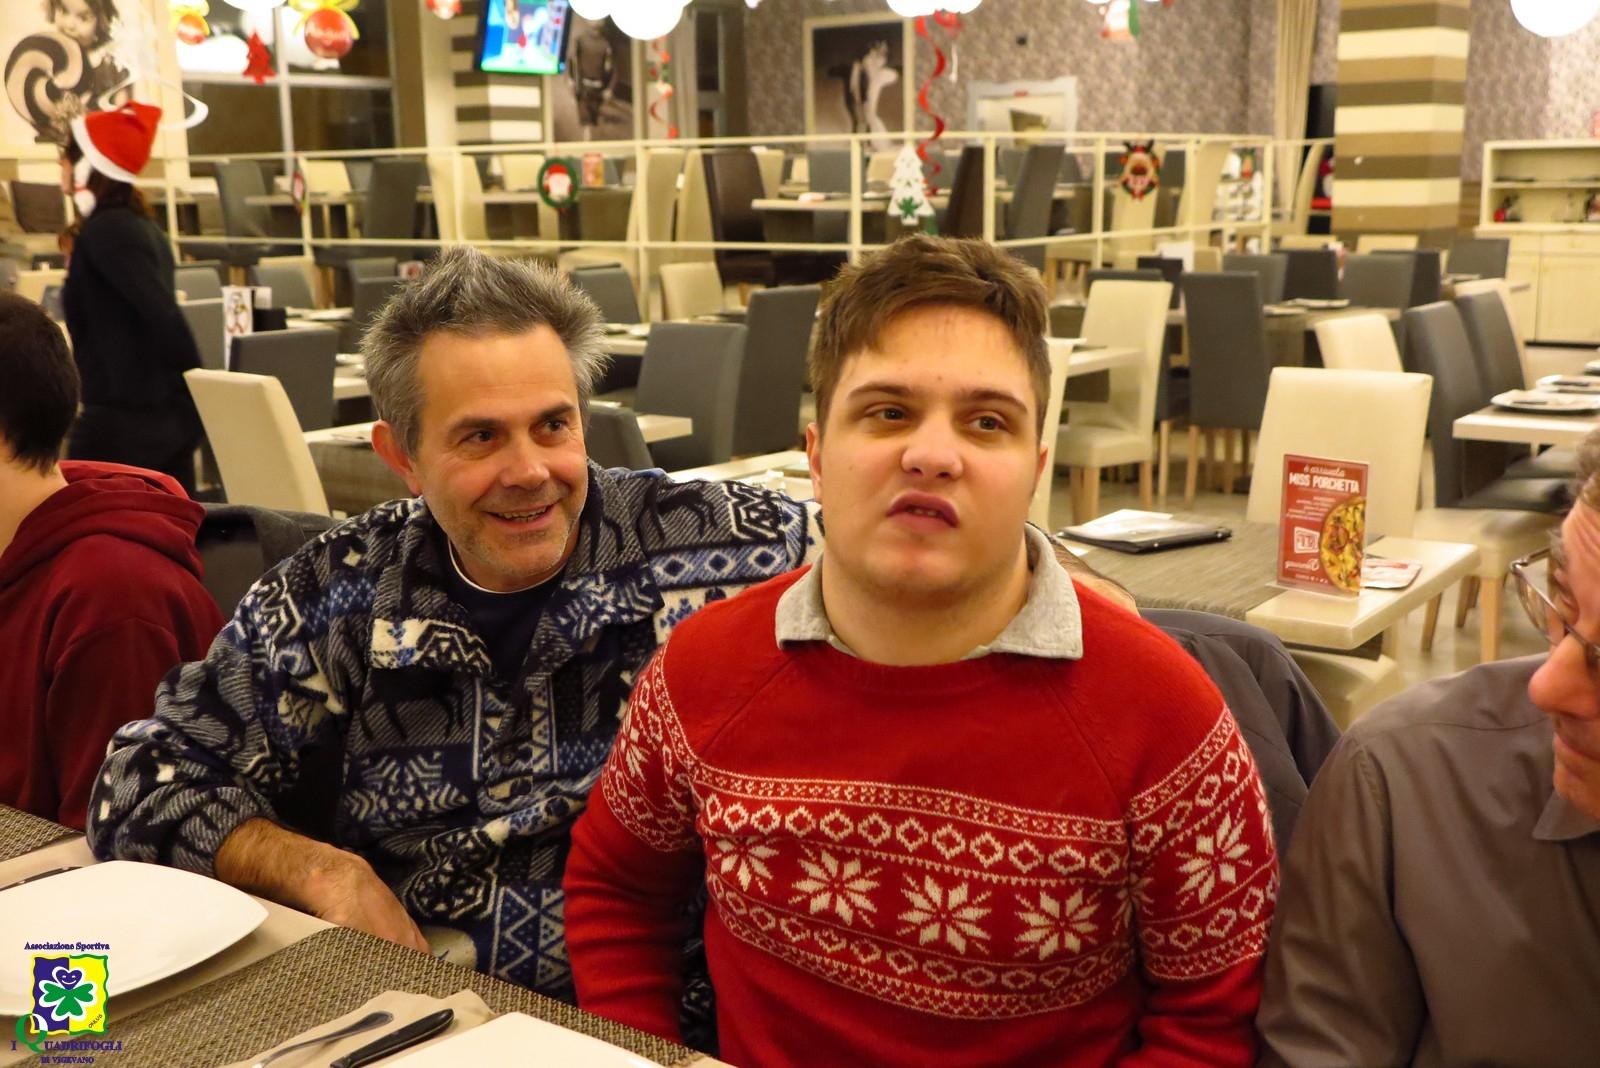 Cena di Natale iquadrifogli 18-12-2018 - 023